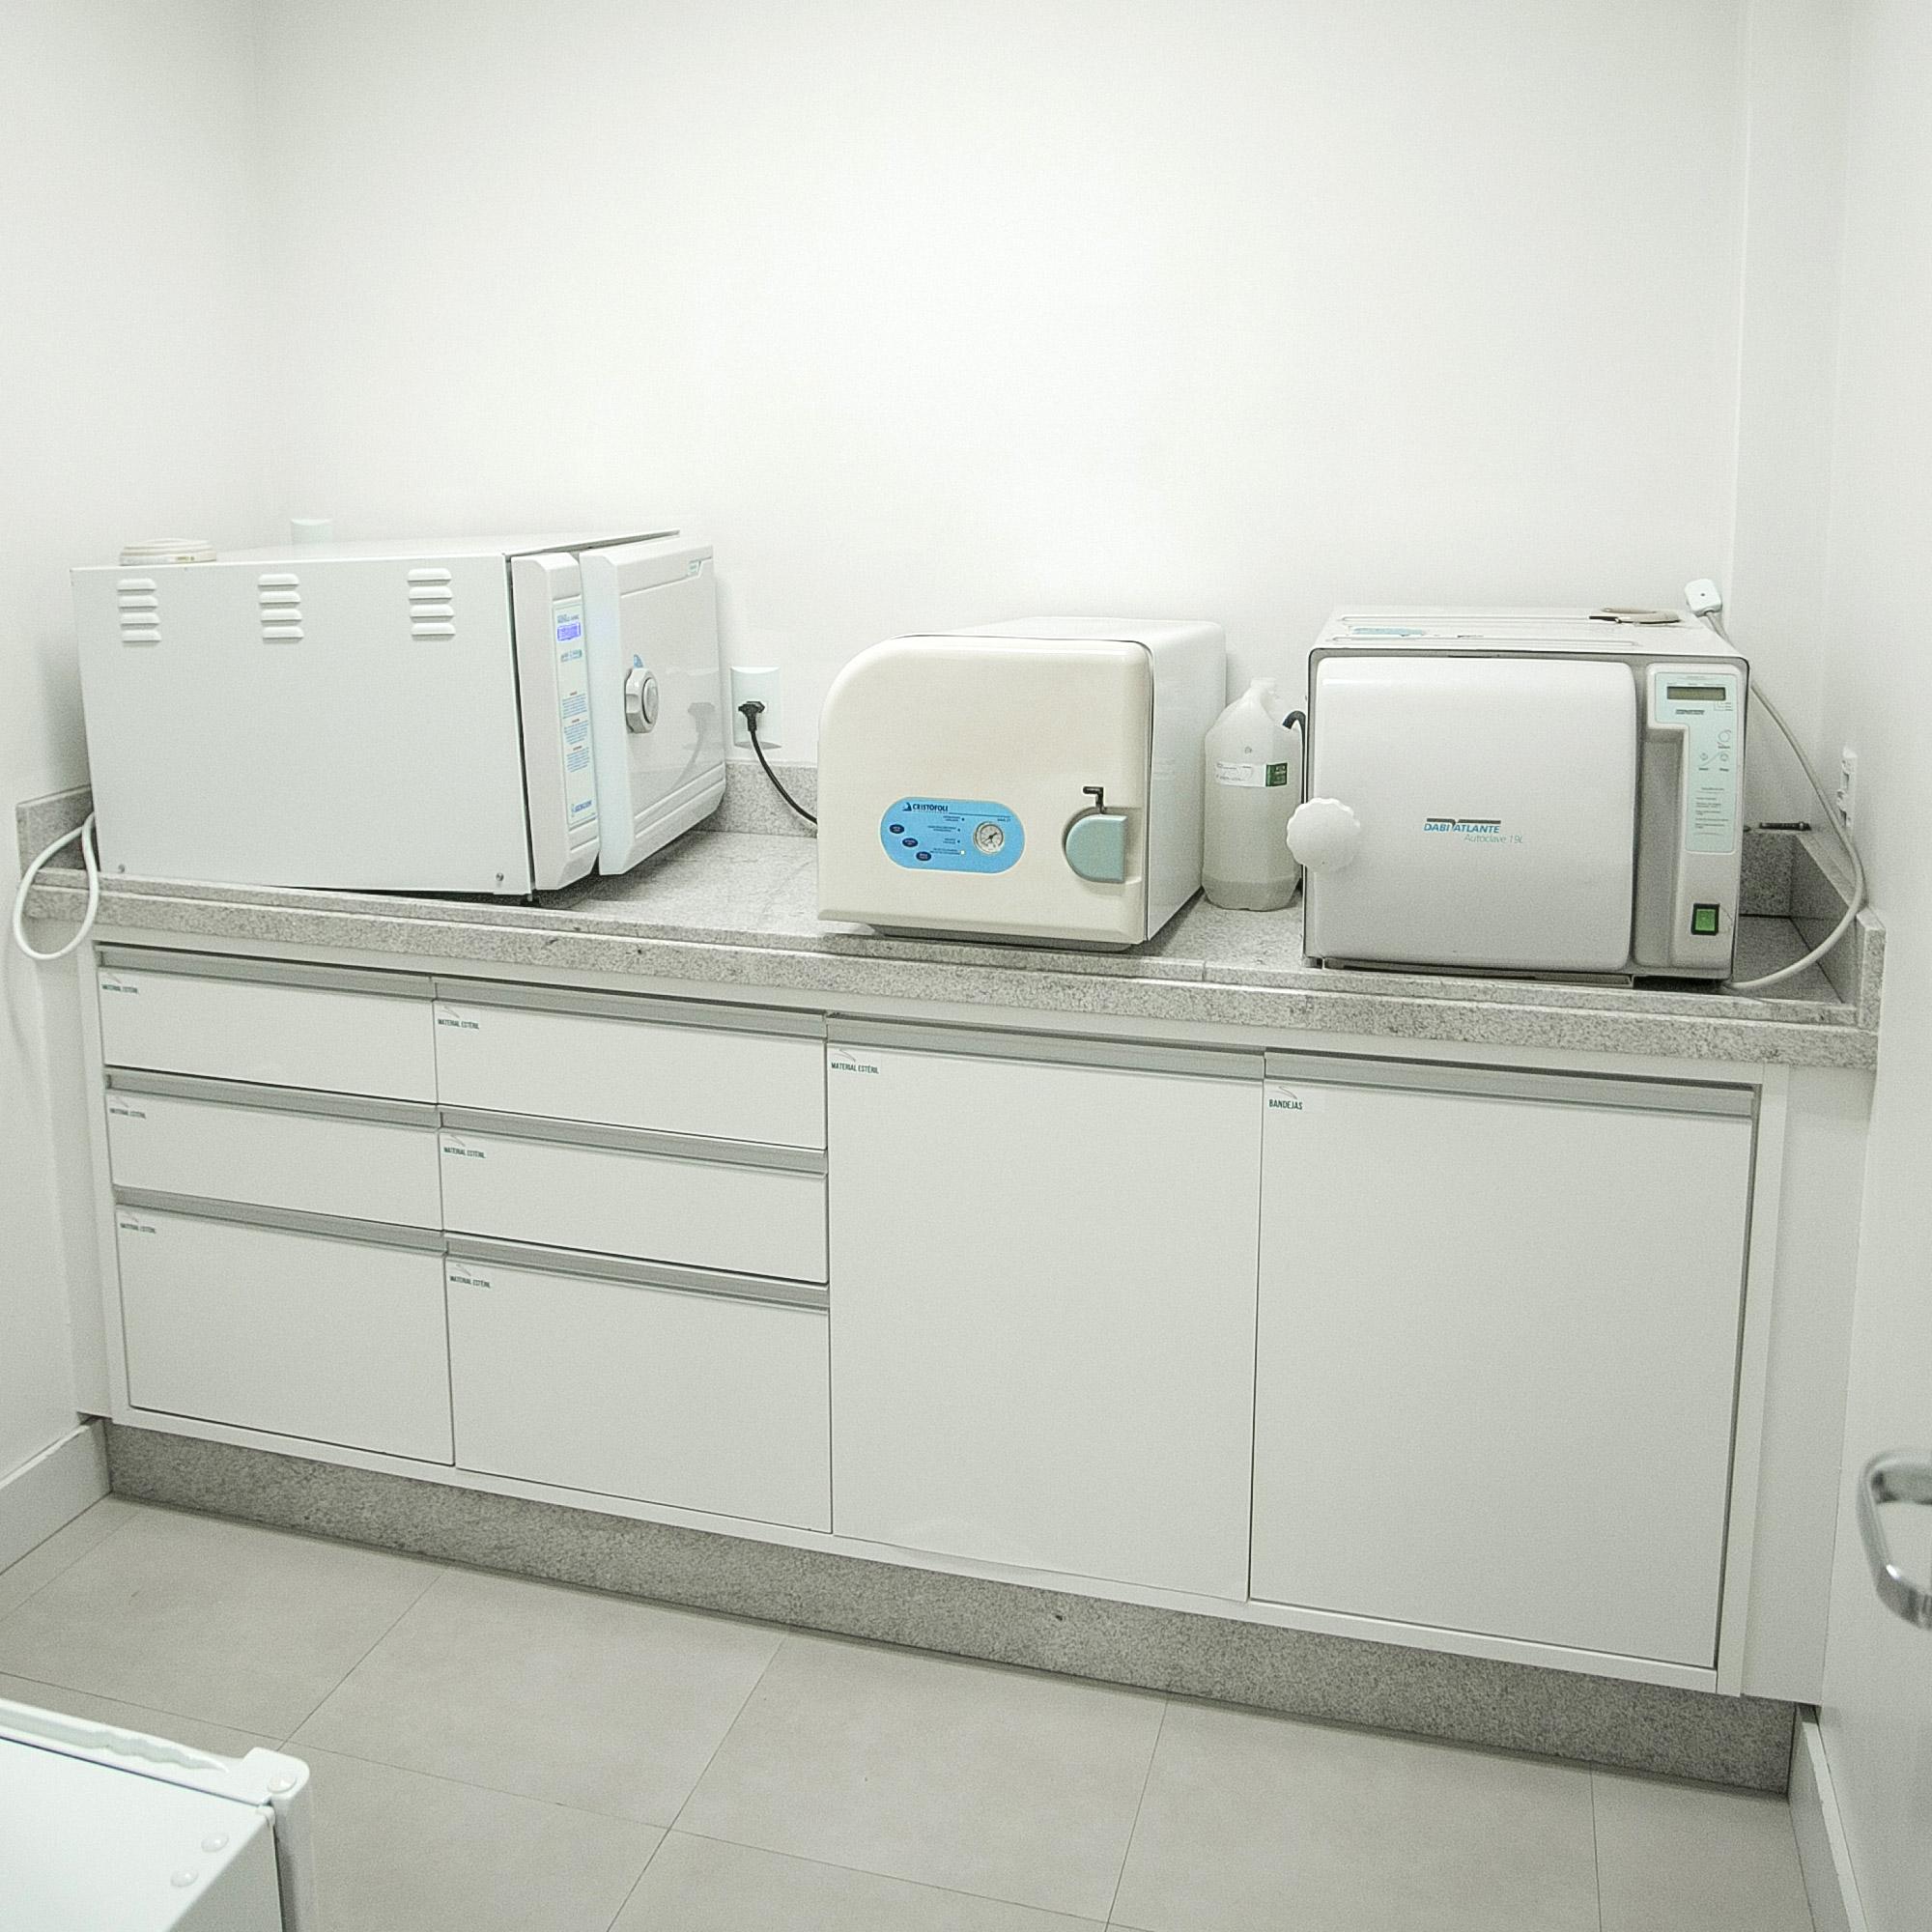 clinica-sergio-cruz-implantes-tubarao-sc-equipamentos